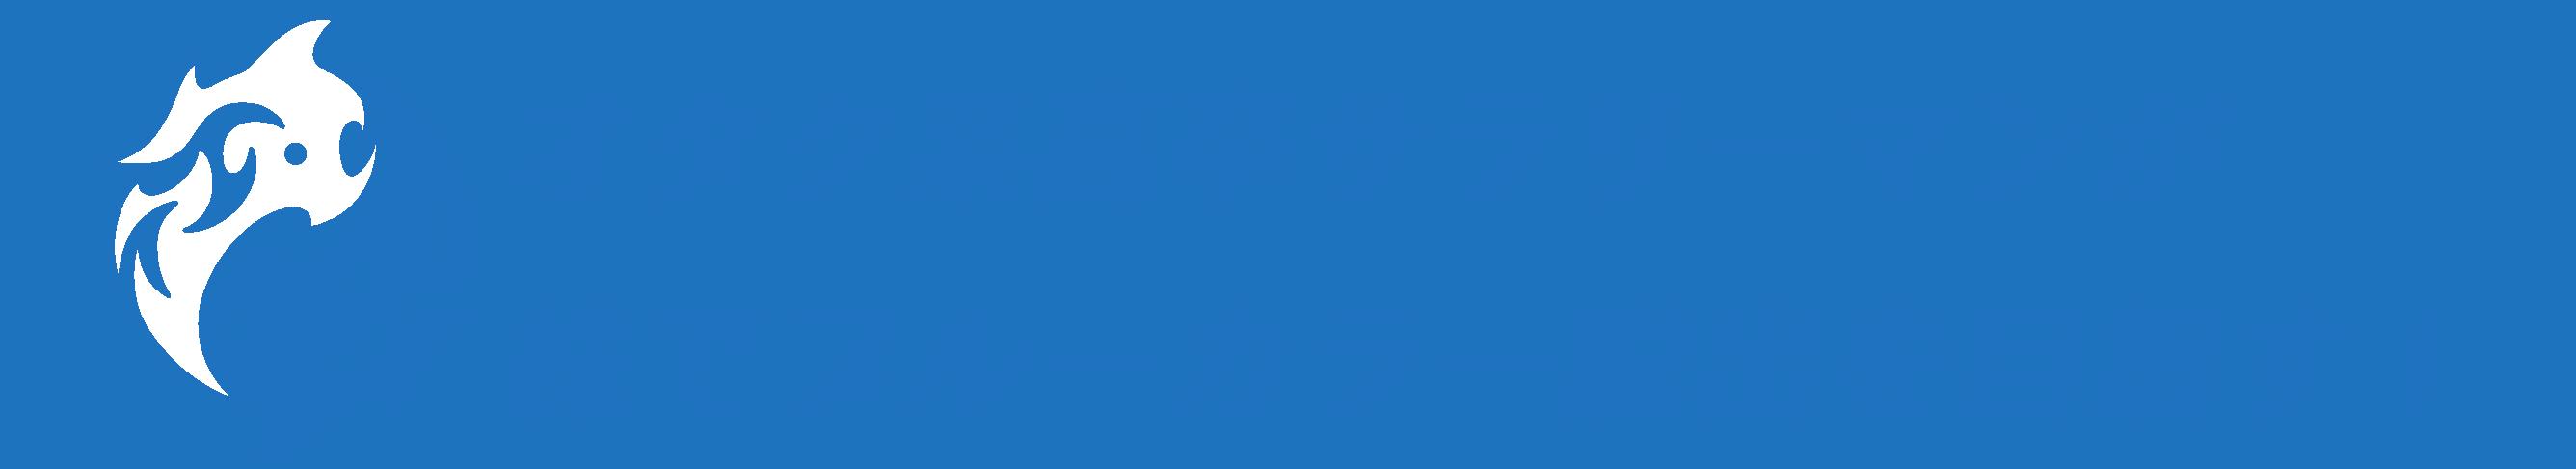 オタク系高卒サラリーマンが株でブルーカラー脱出を目指す!